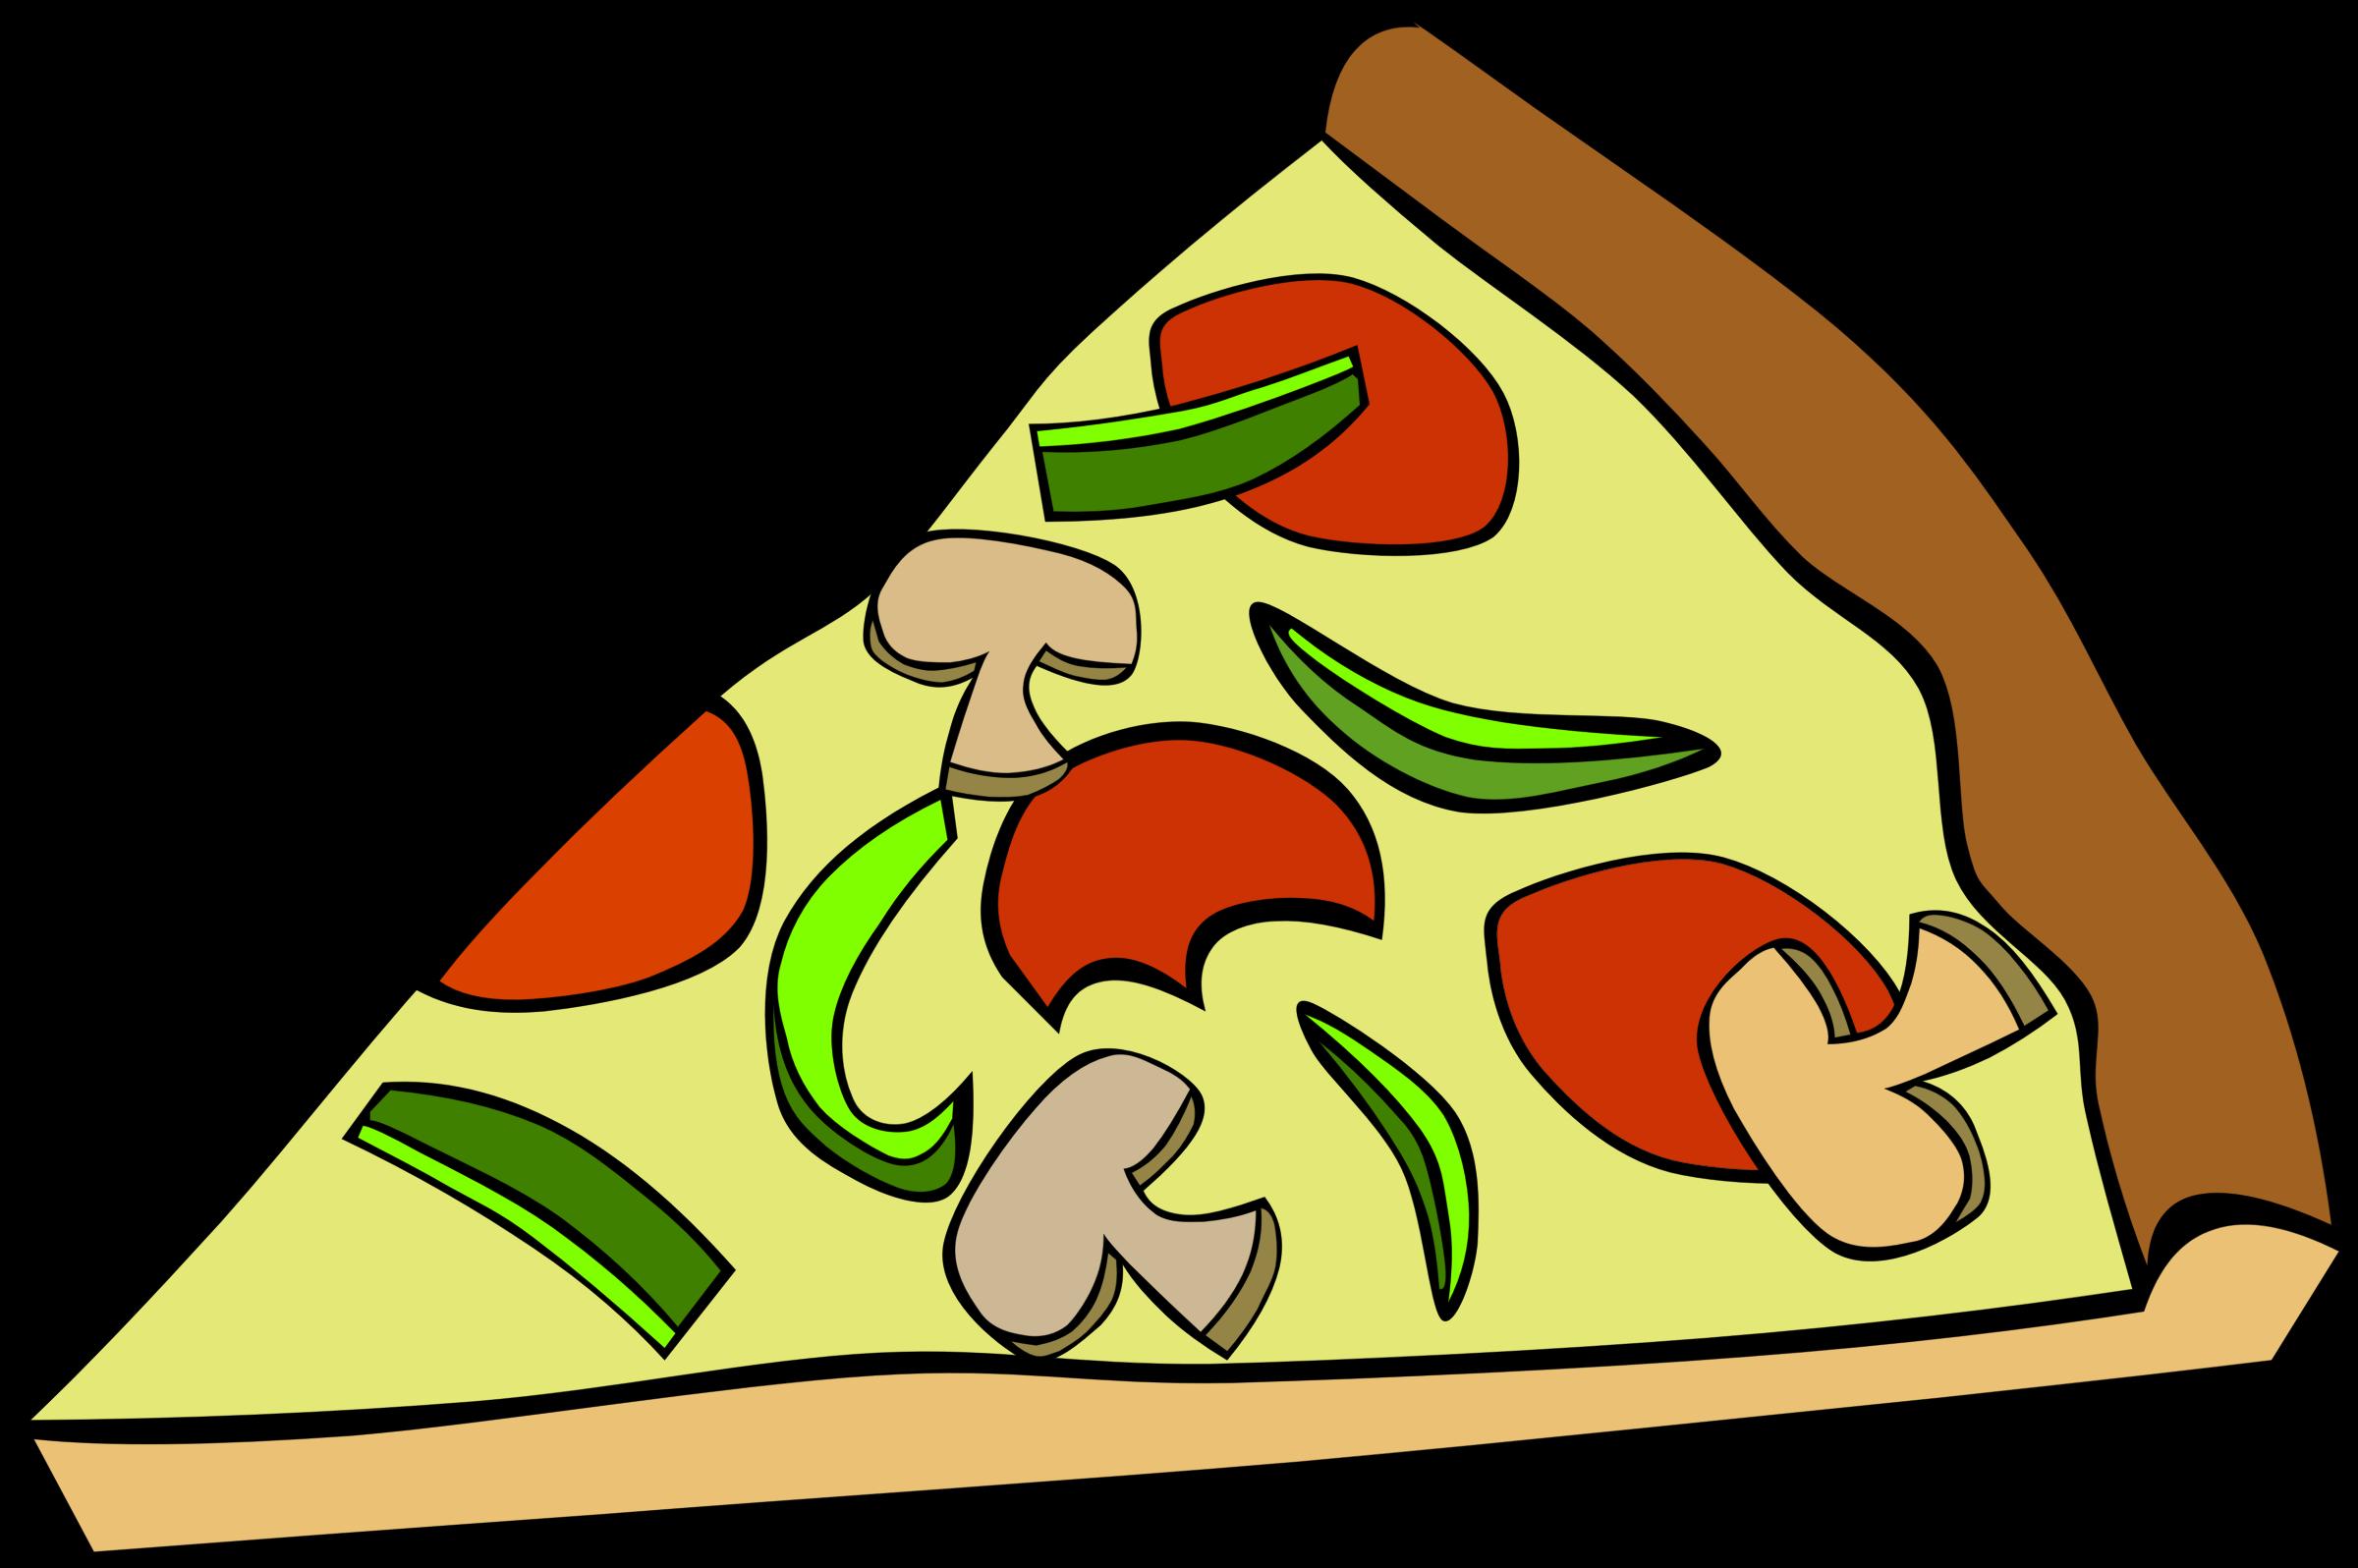 Pizza clipart junk food Pizza Fast Mushroom Pepperoni Fast